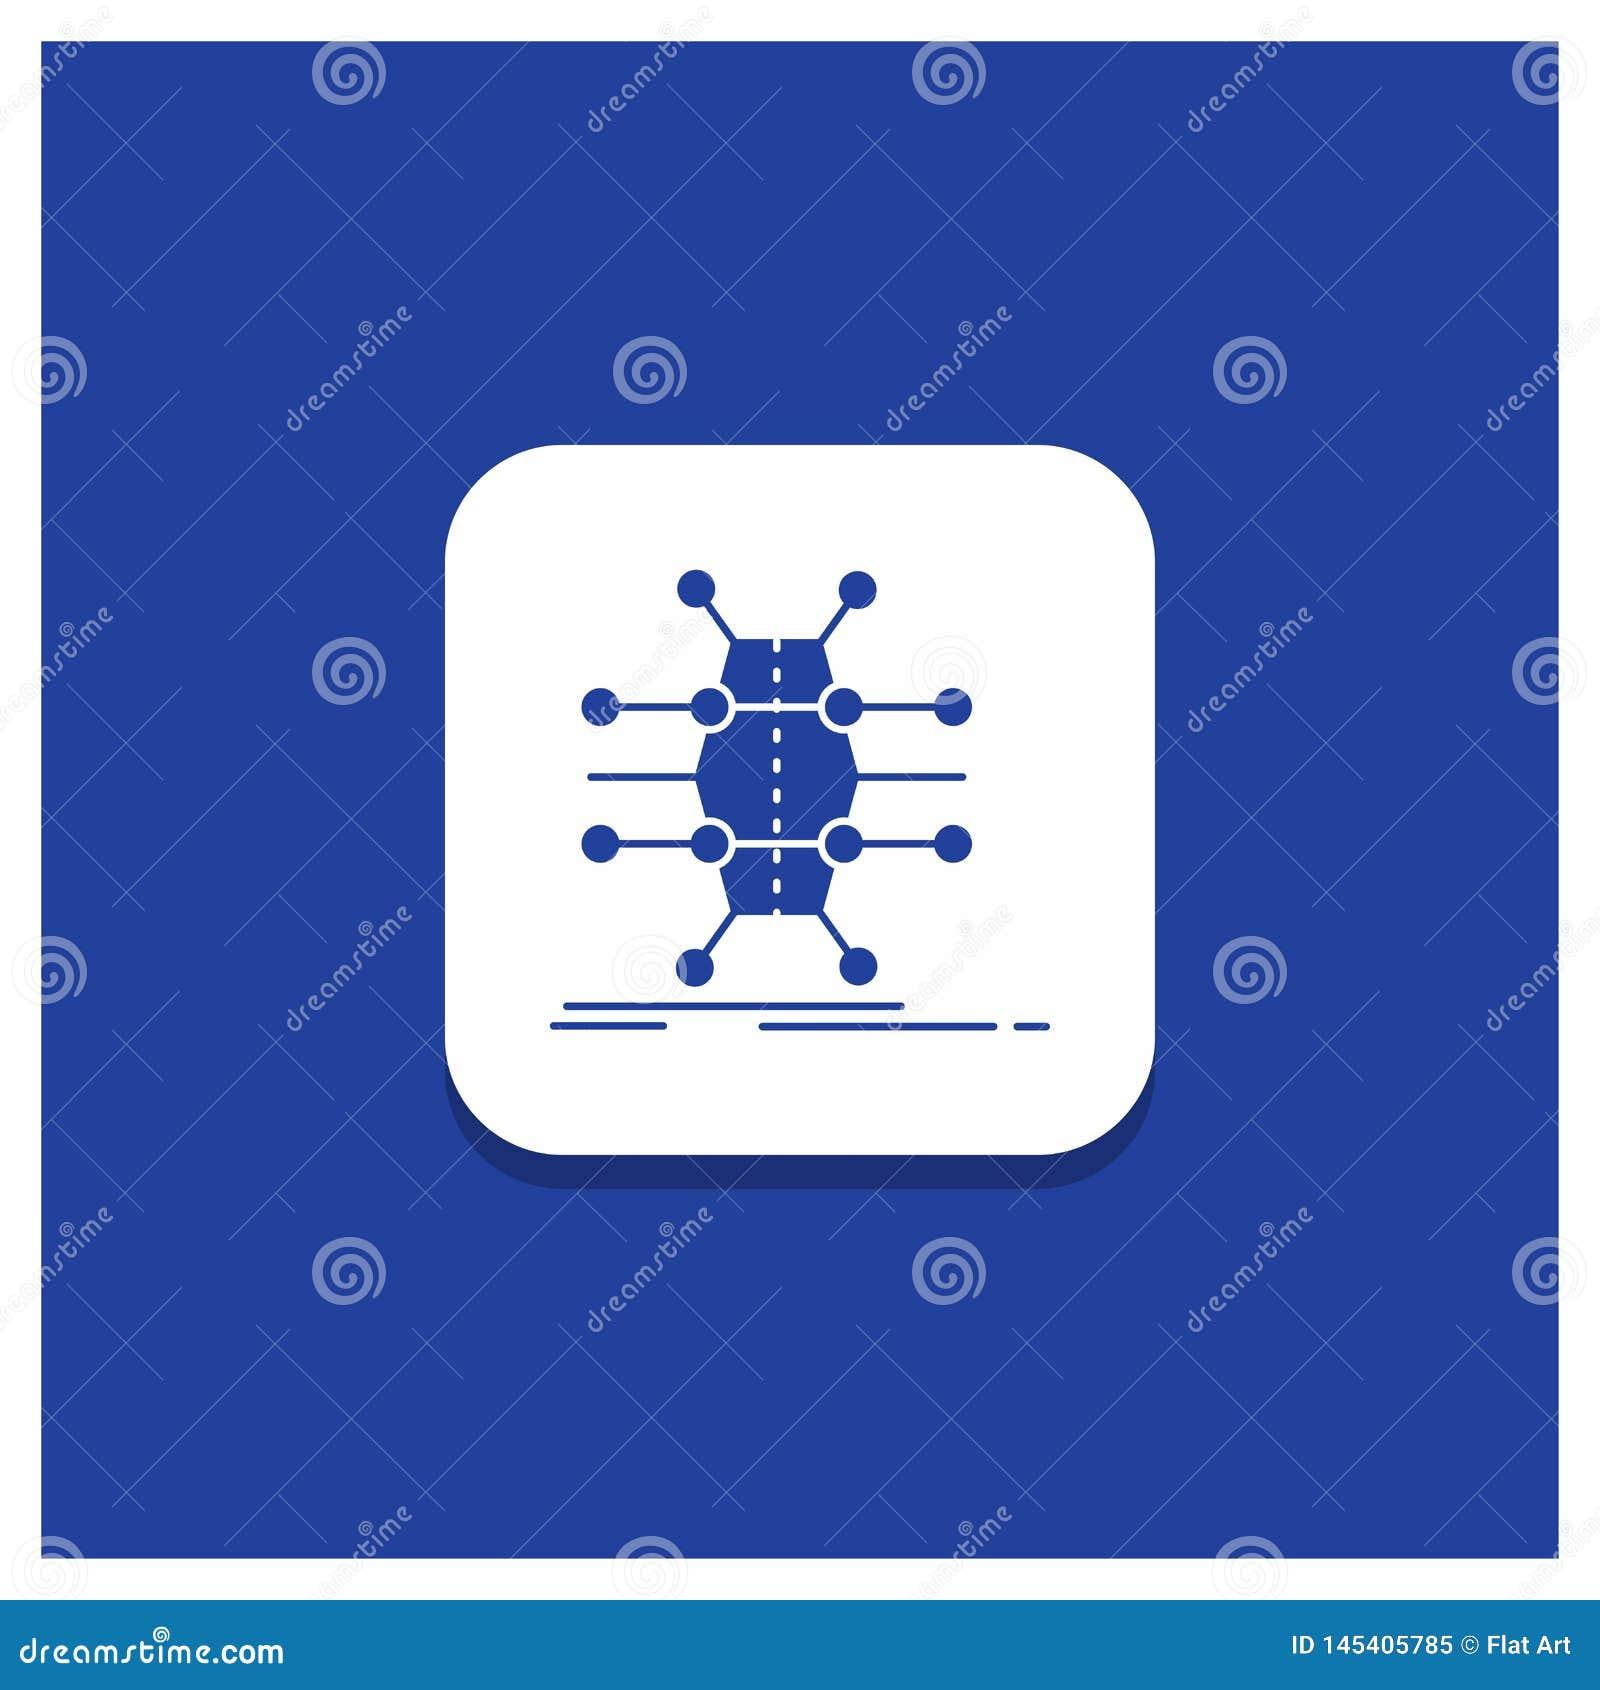 Blauer runder Knopf für Verteilung, Gitter, Infrastruktur, Netz, intelligente Glyphikone